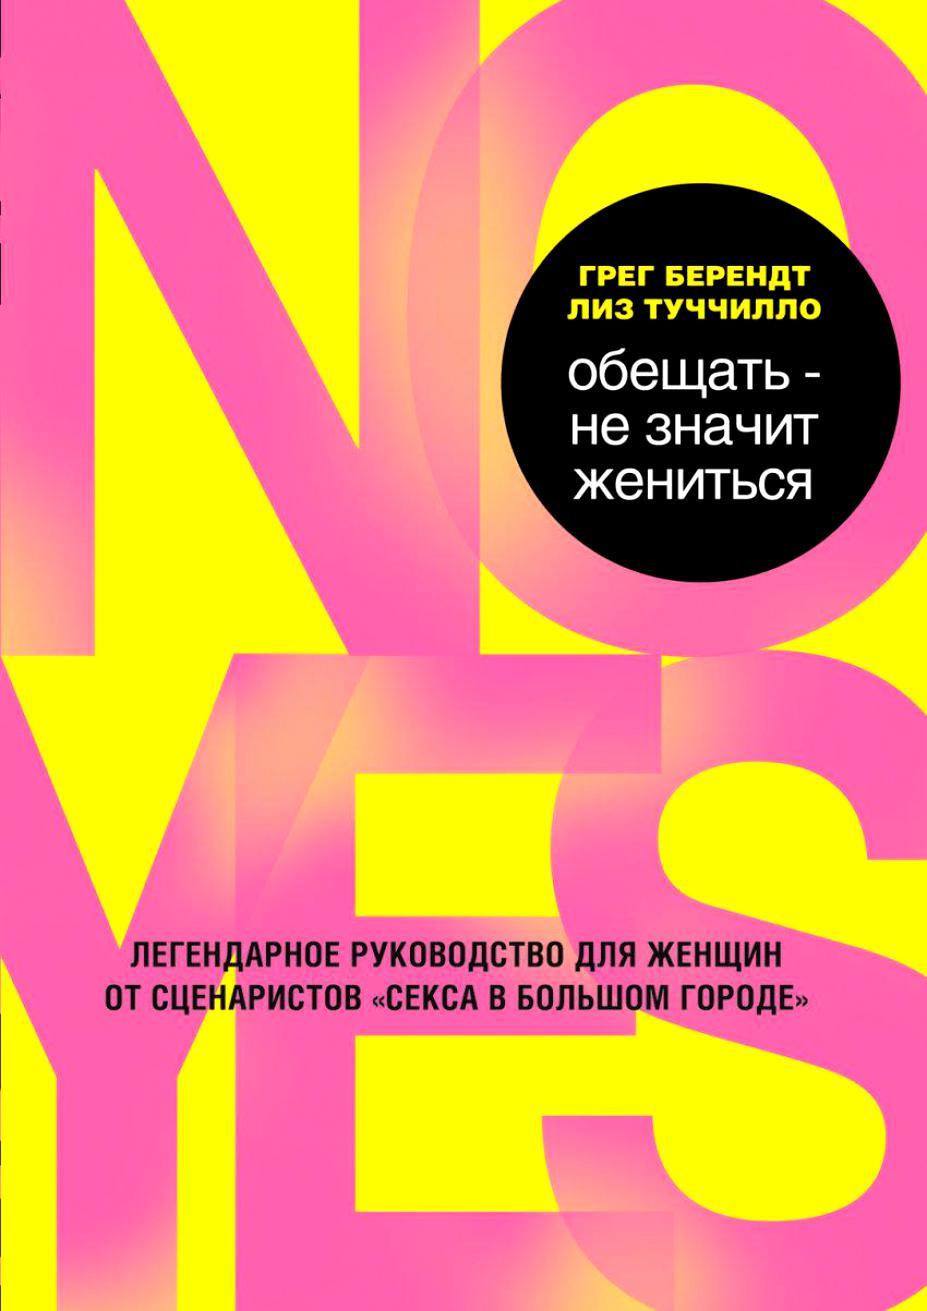 Obeshhat-ne-znachit-zhenitsya-Berendt-Greg-Tuchchillo-Liz